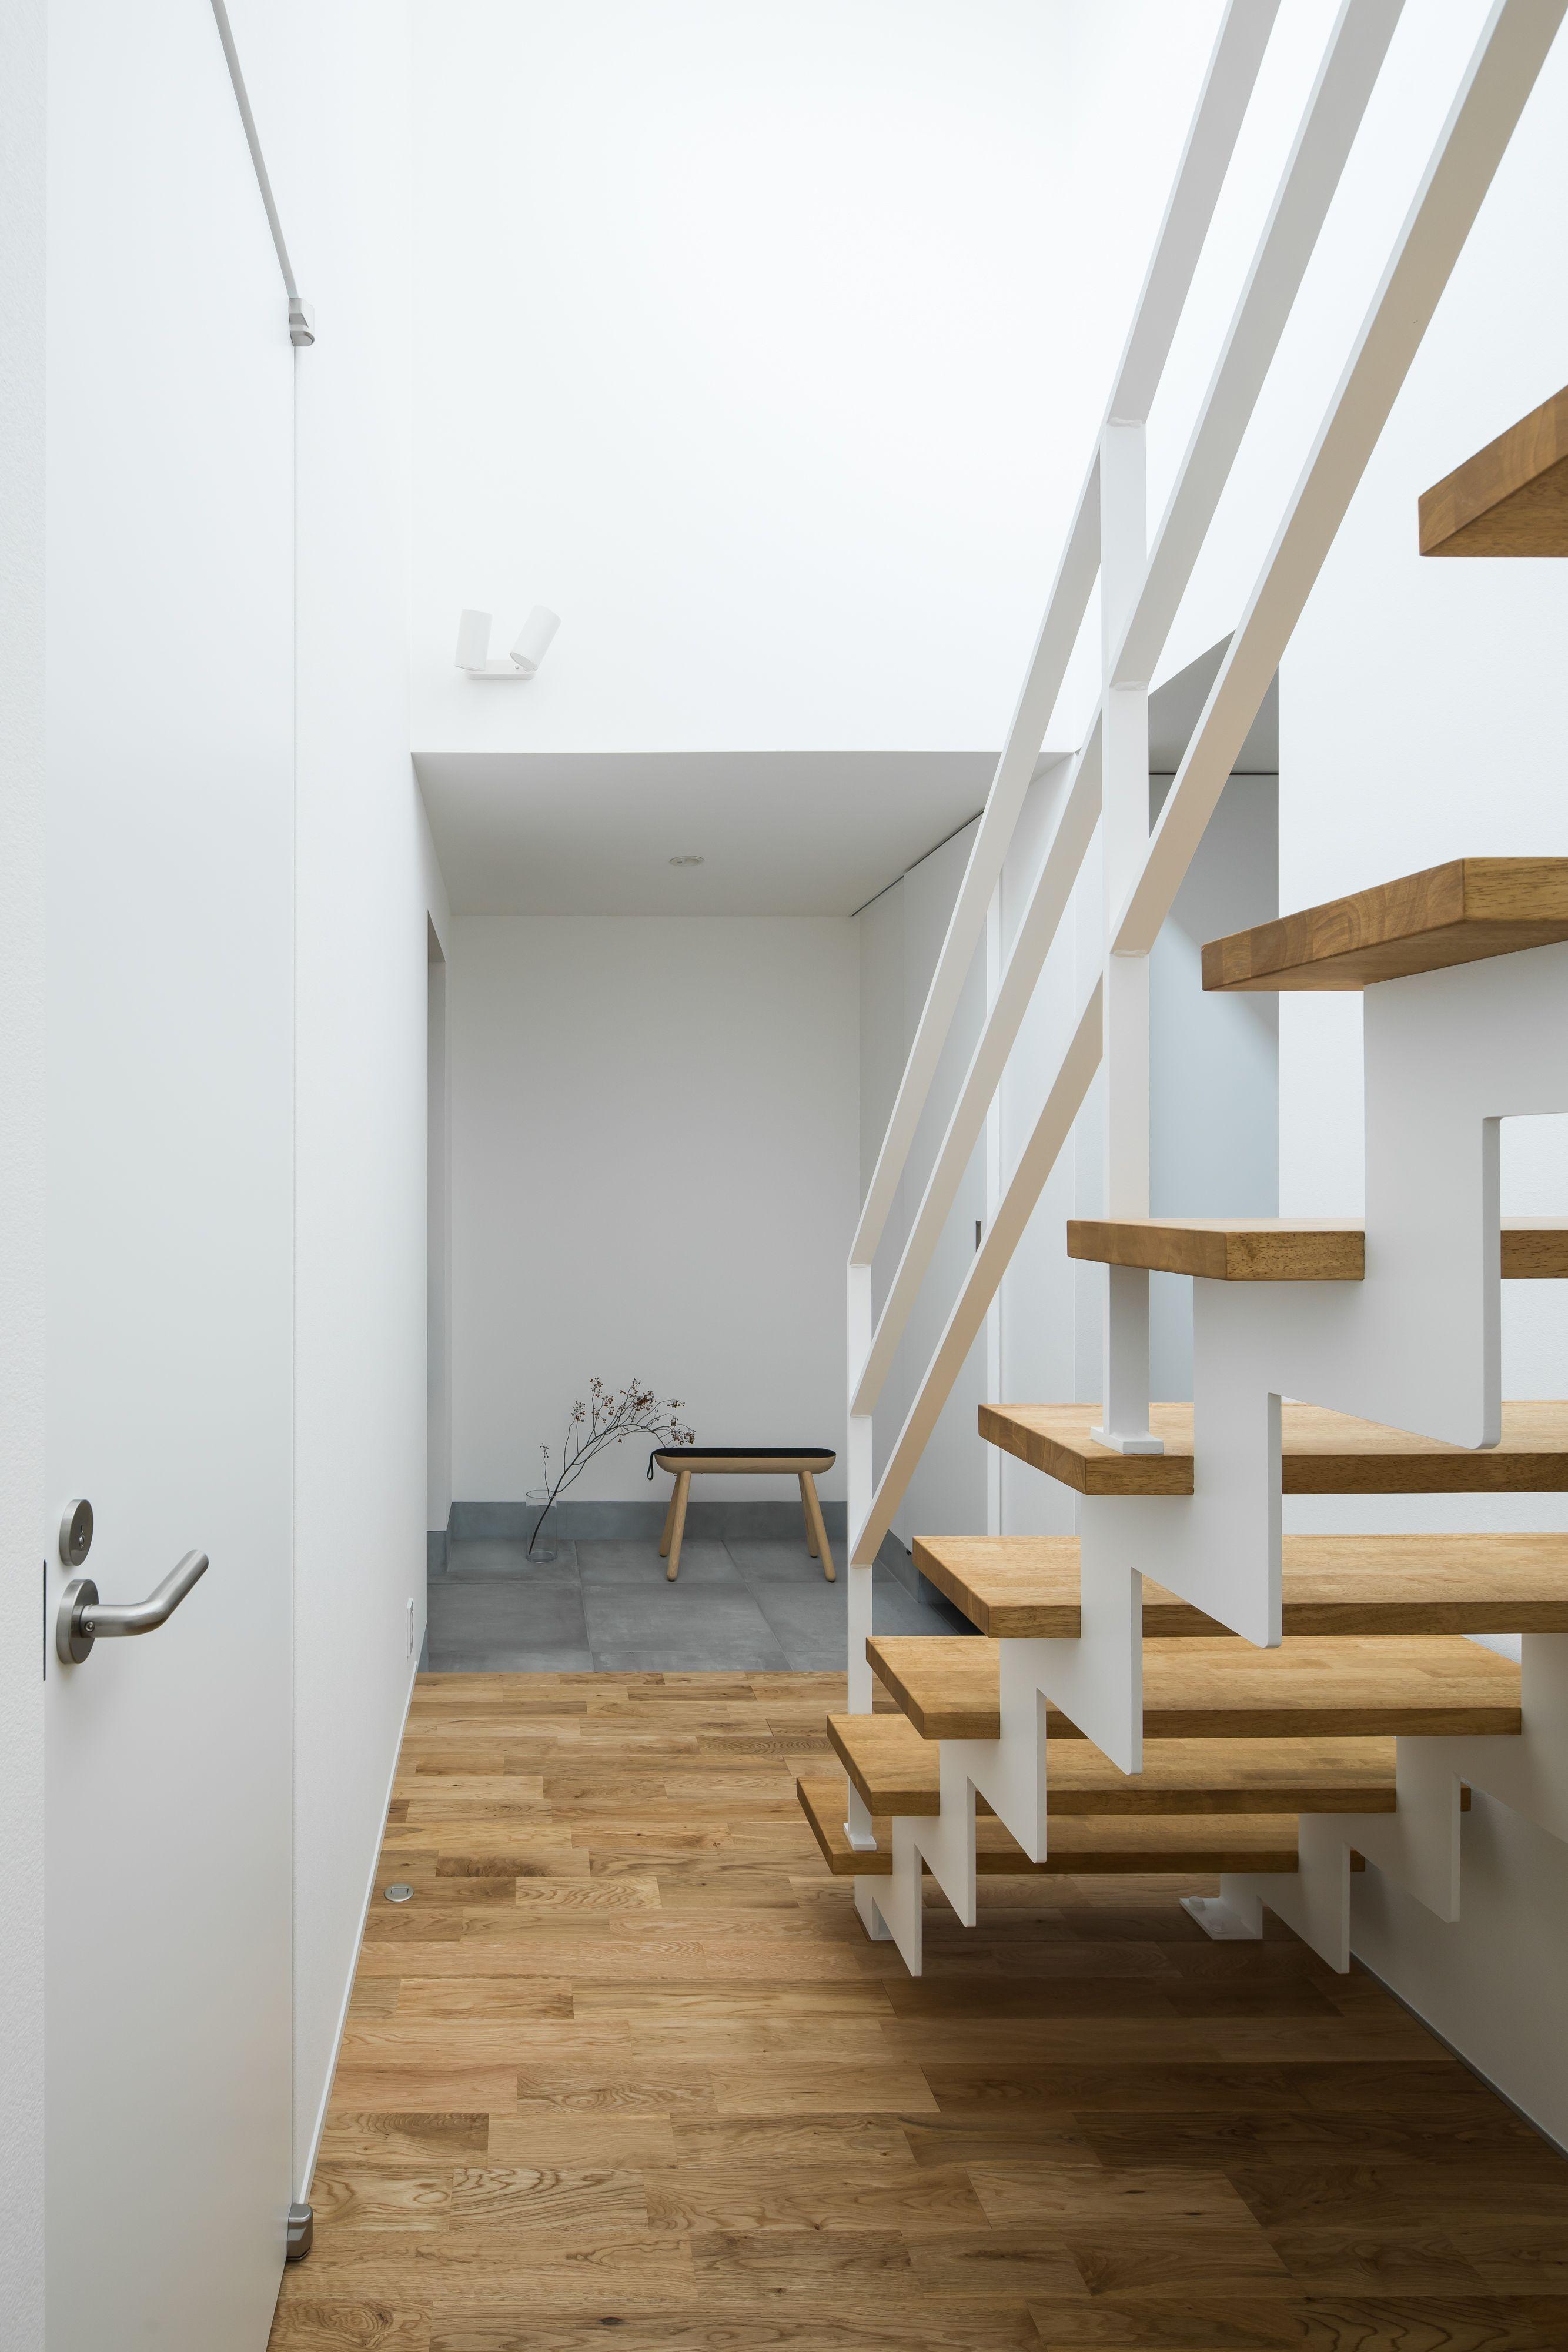 玄関を入ってすぐに現れる鉄骨階段は 家のシンボル的存在 ルポハウス